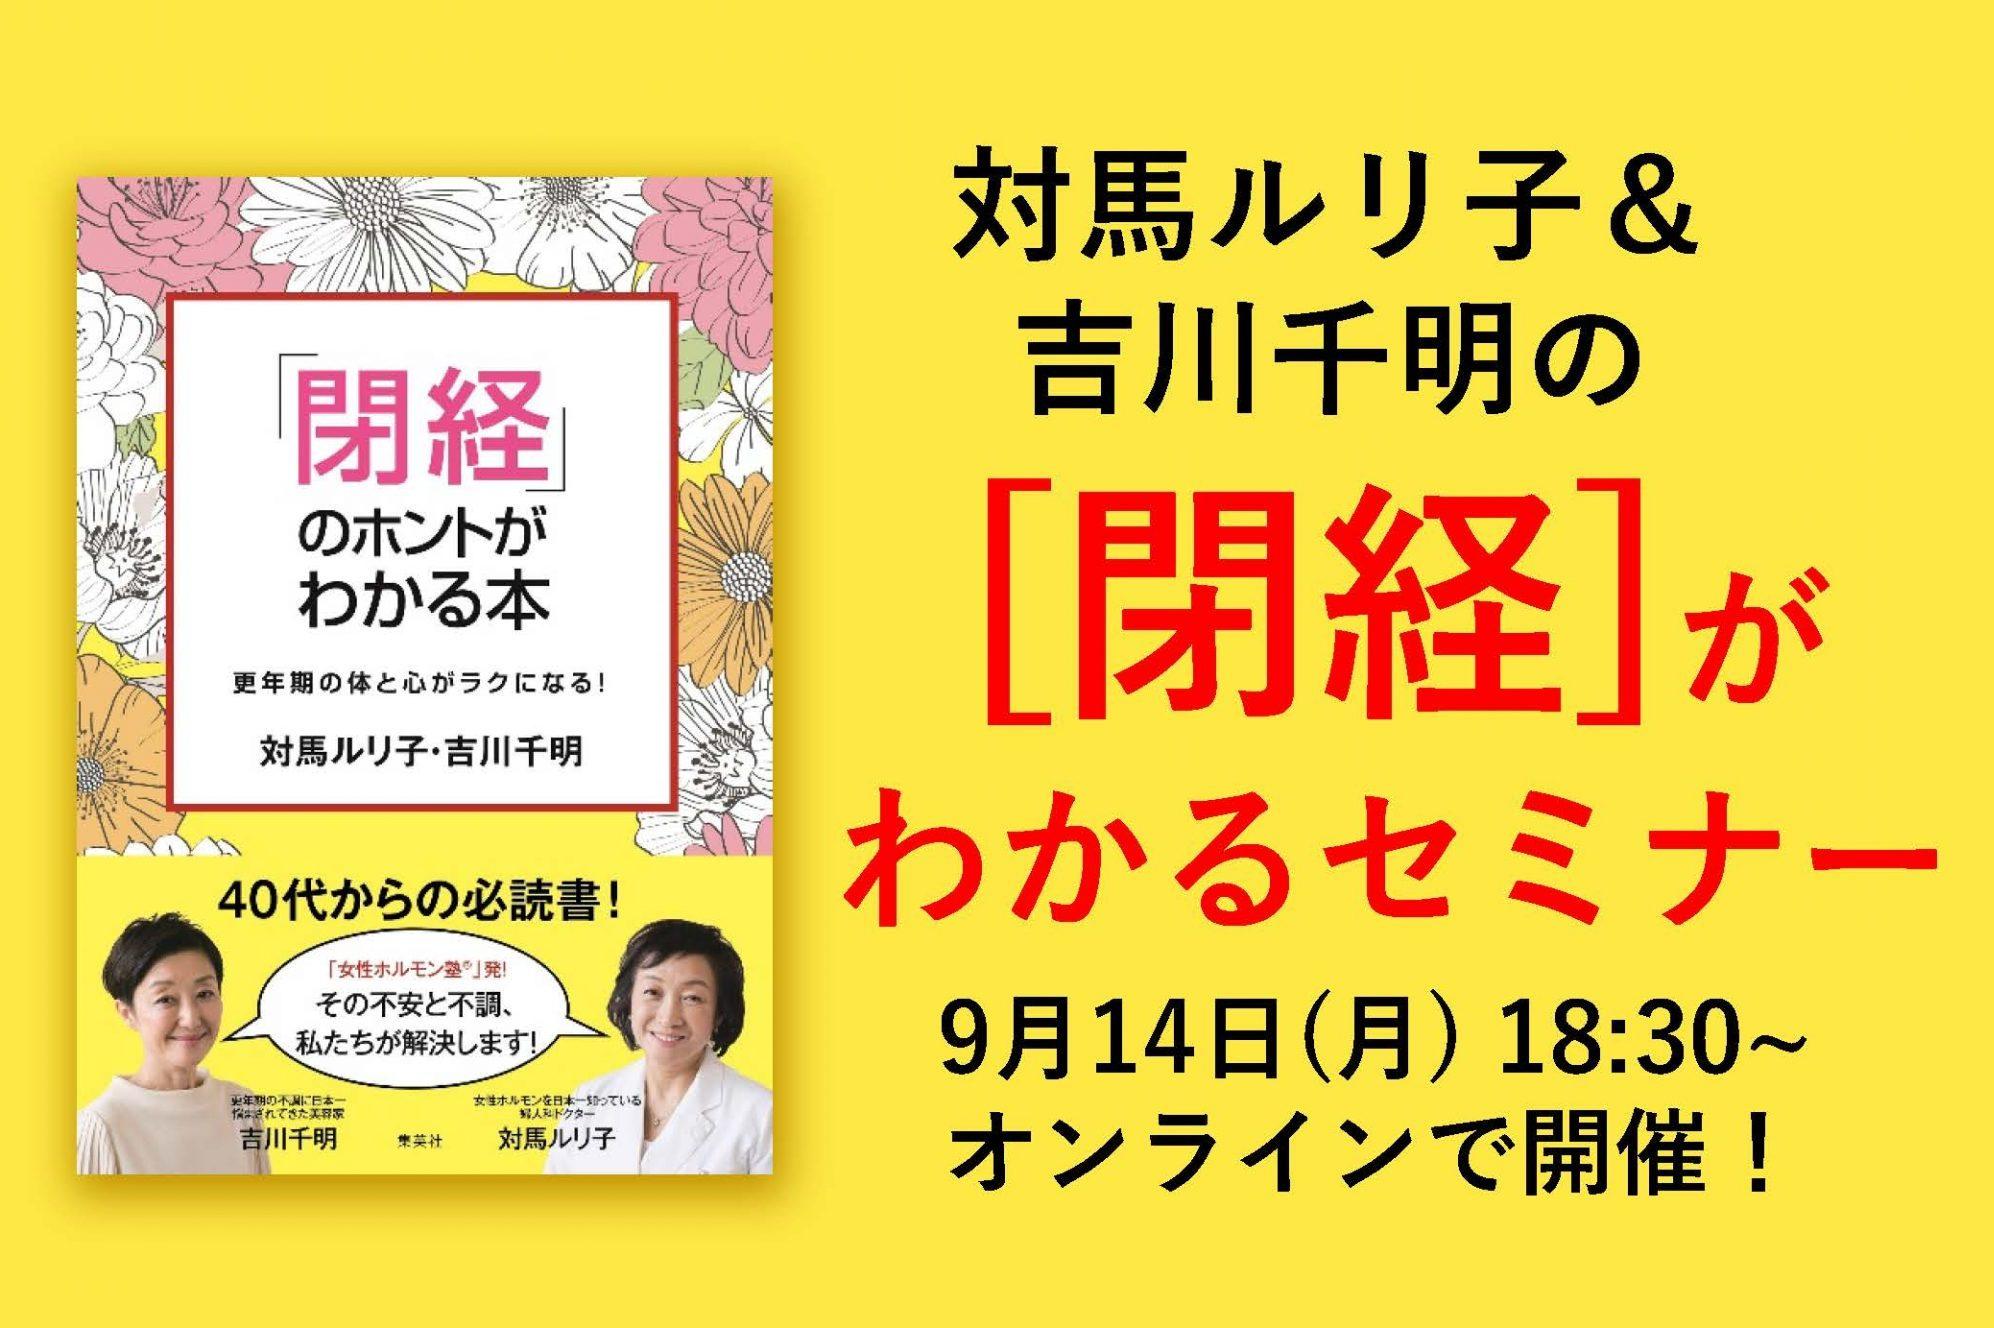 参加費無料!! 9月14日(月)対馬ルリ子さん・吉川千明さんによる【閉経】オンラインセミナー開催!